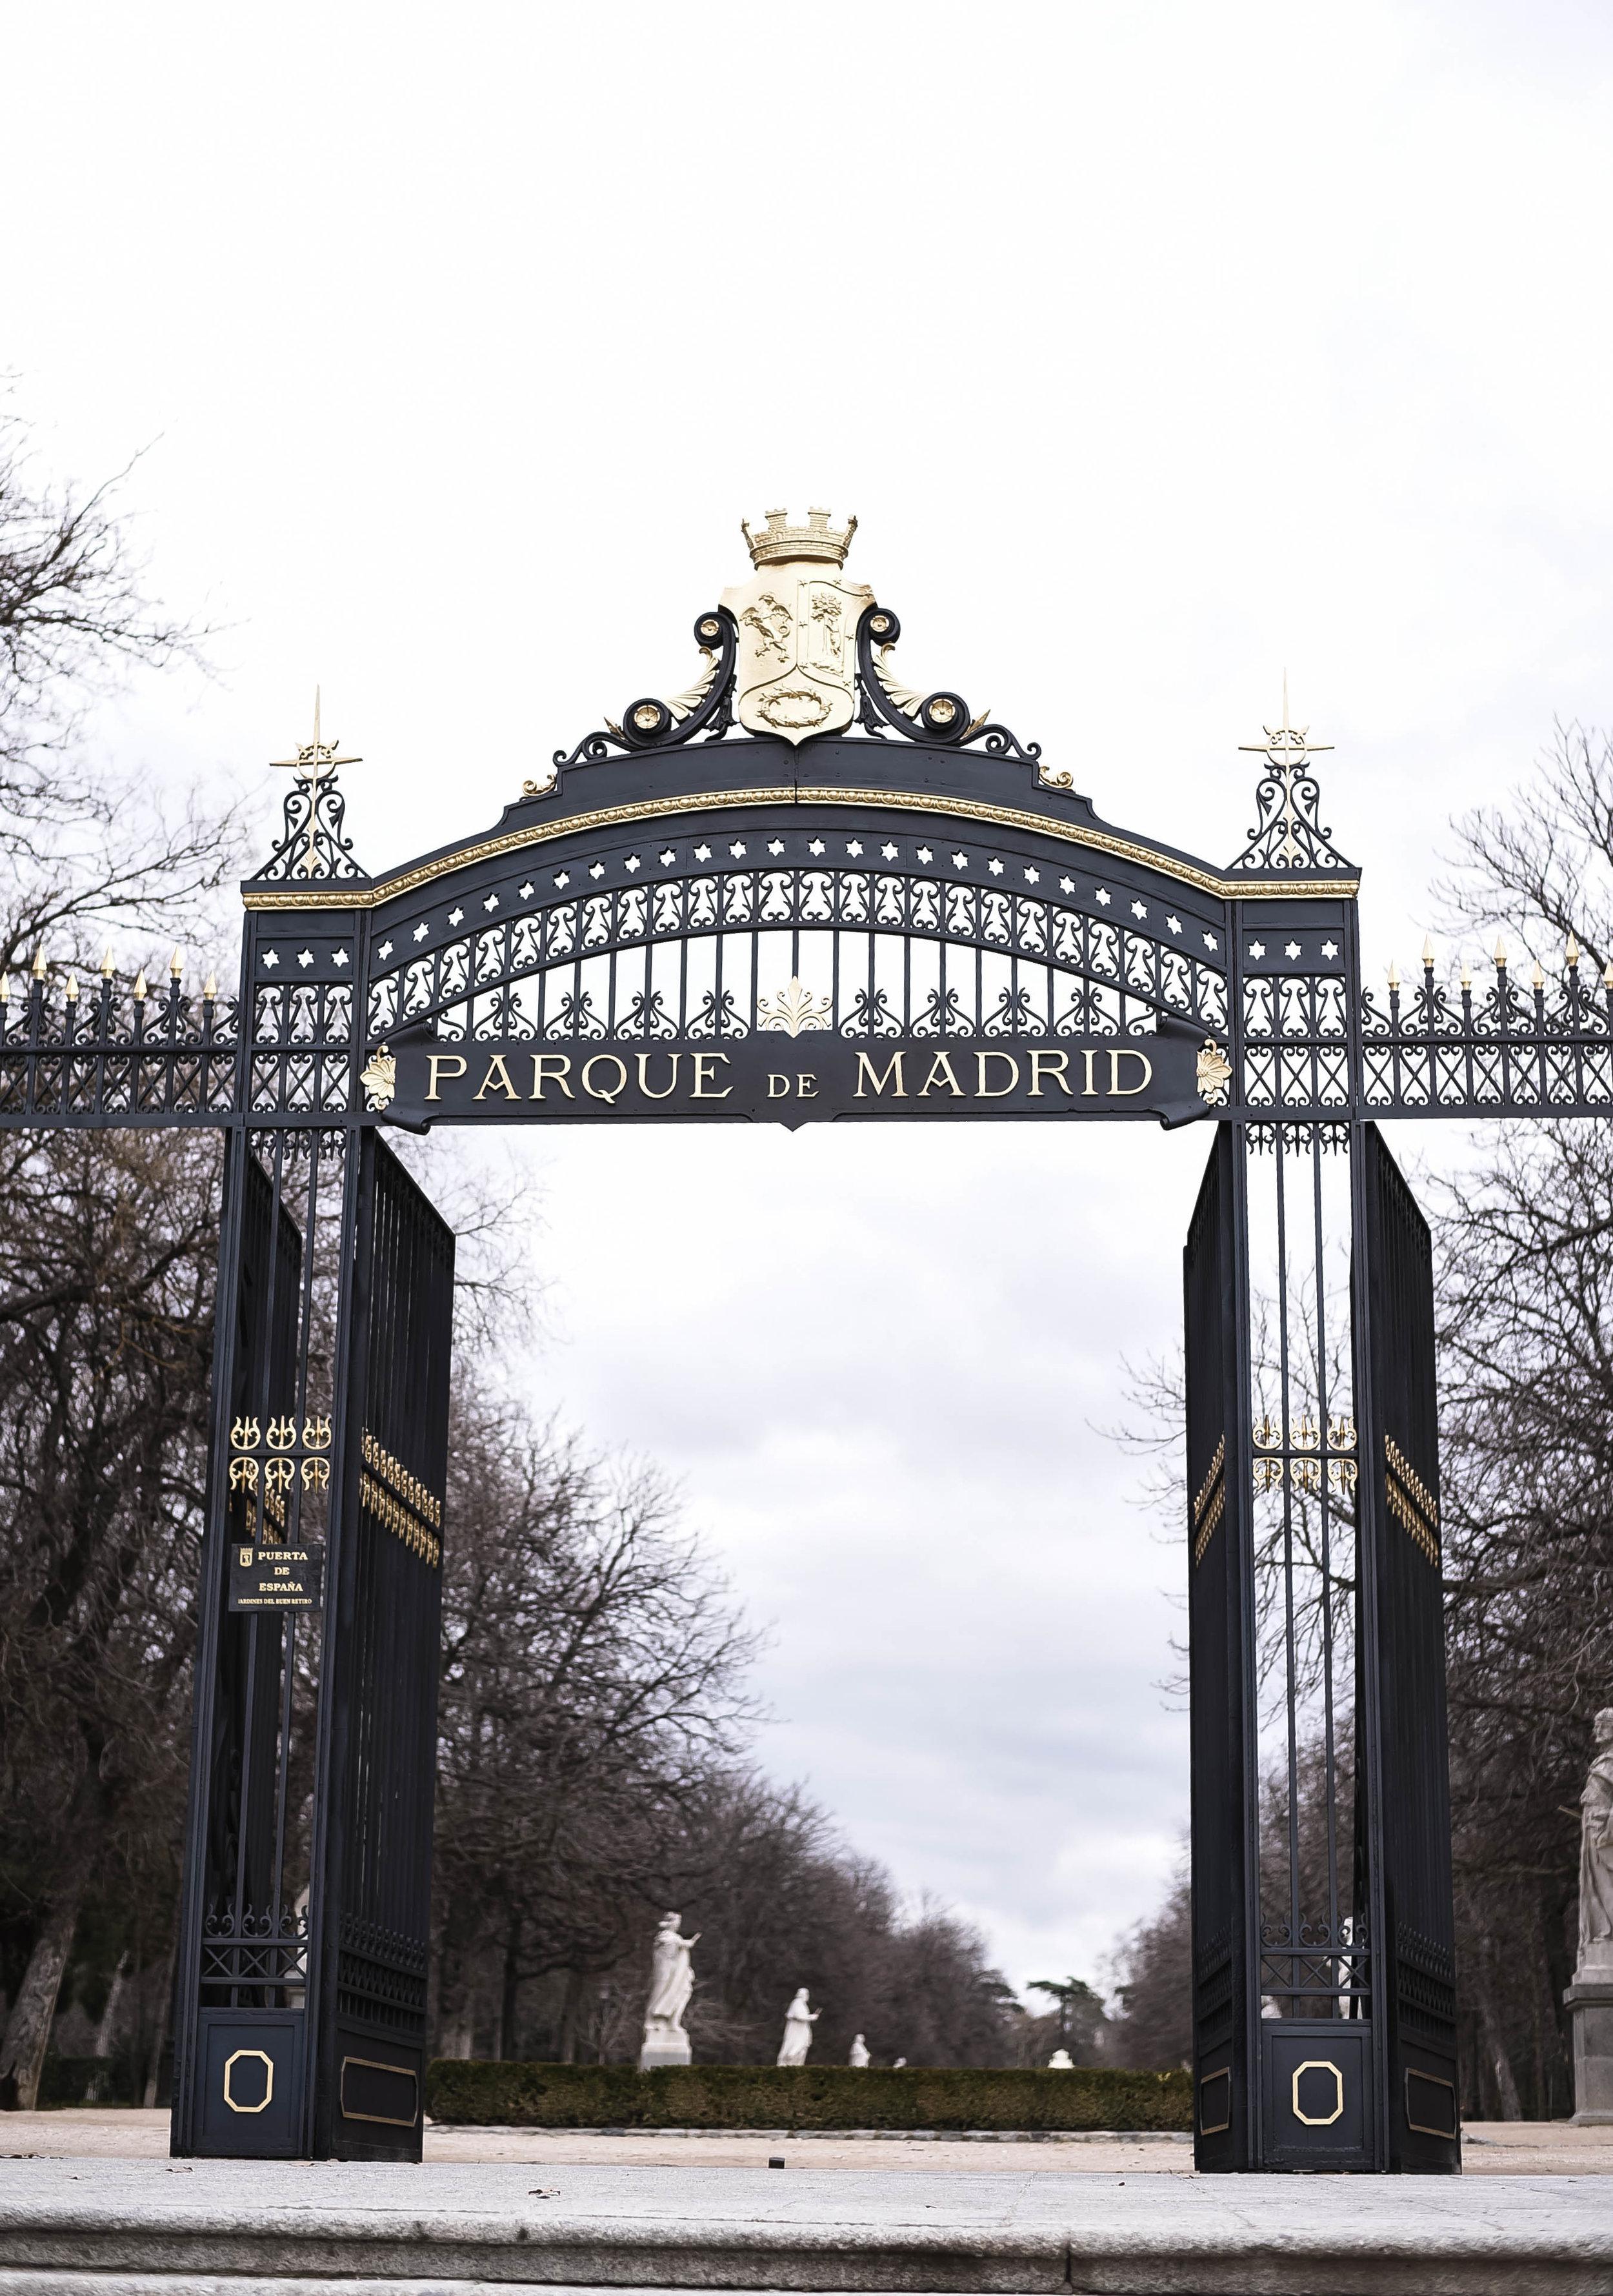 Parque de Madrid © 2018 Nidia Serrano